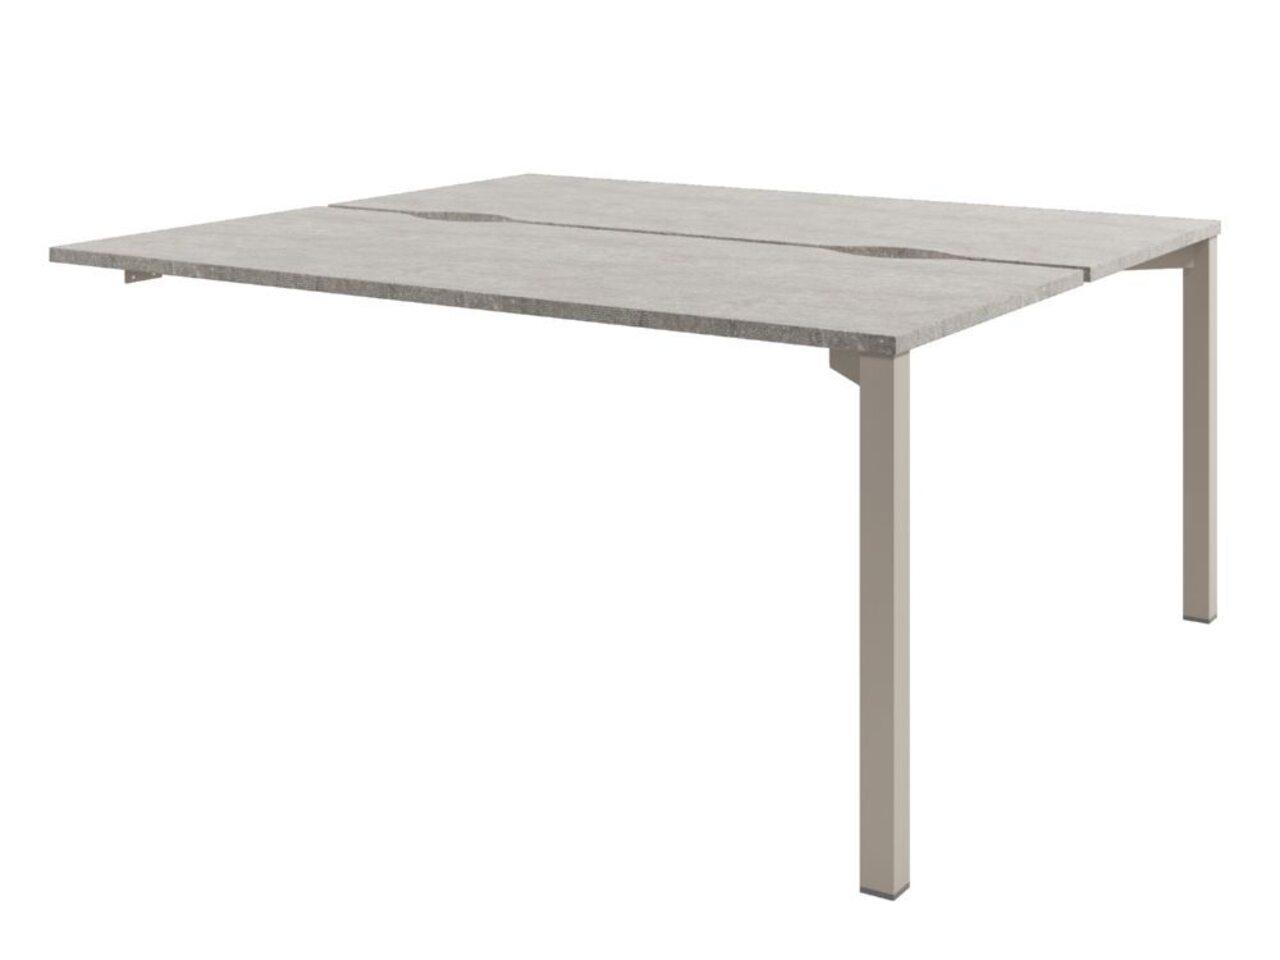 Бенч-система столов-тандемов  Solution 160x143x75 - фото 1